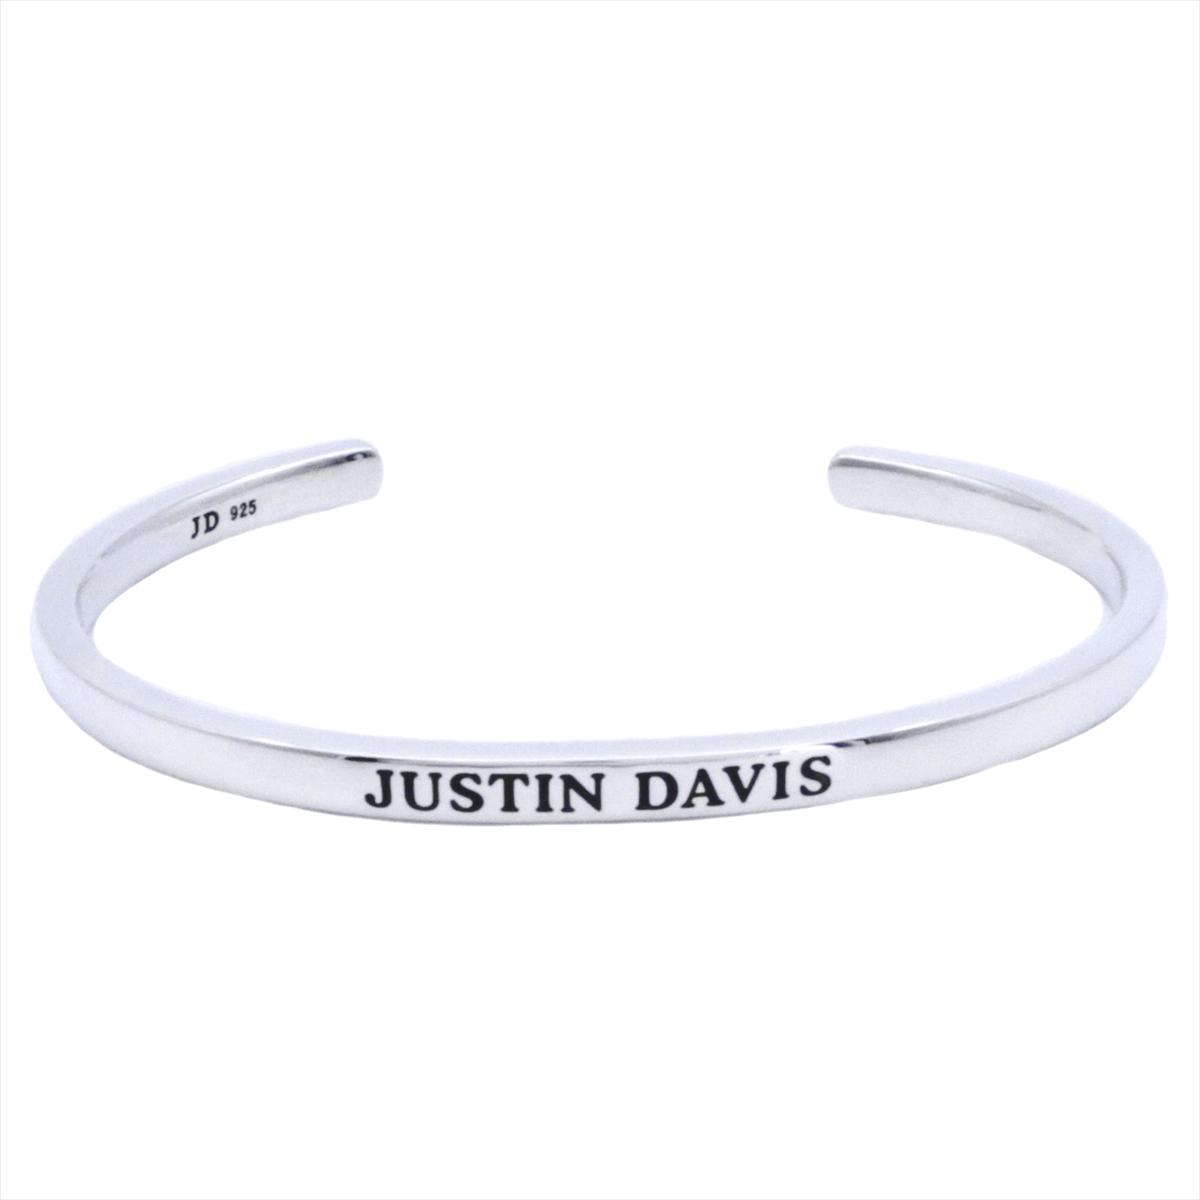 【ギフト品質】ジャスティン デイビス/JUSTIN DAVIS レディース ジュエリー DIGNITY バングル ブレス M Ag925 SBJ771